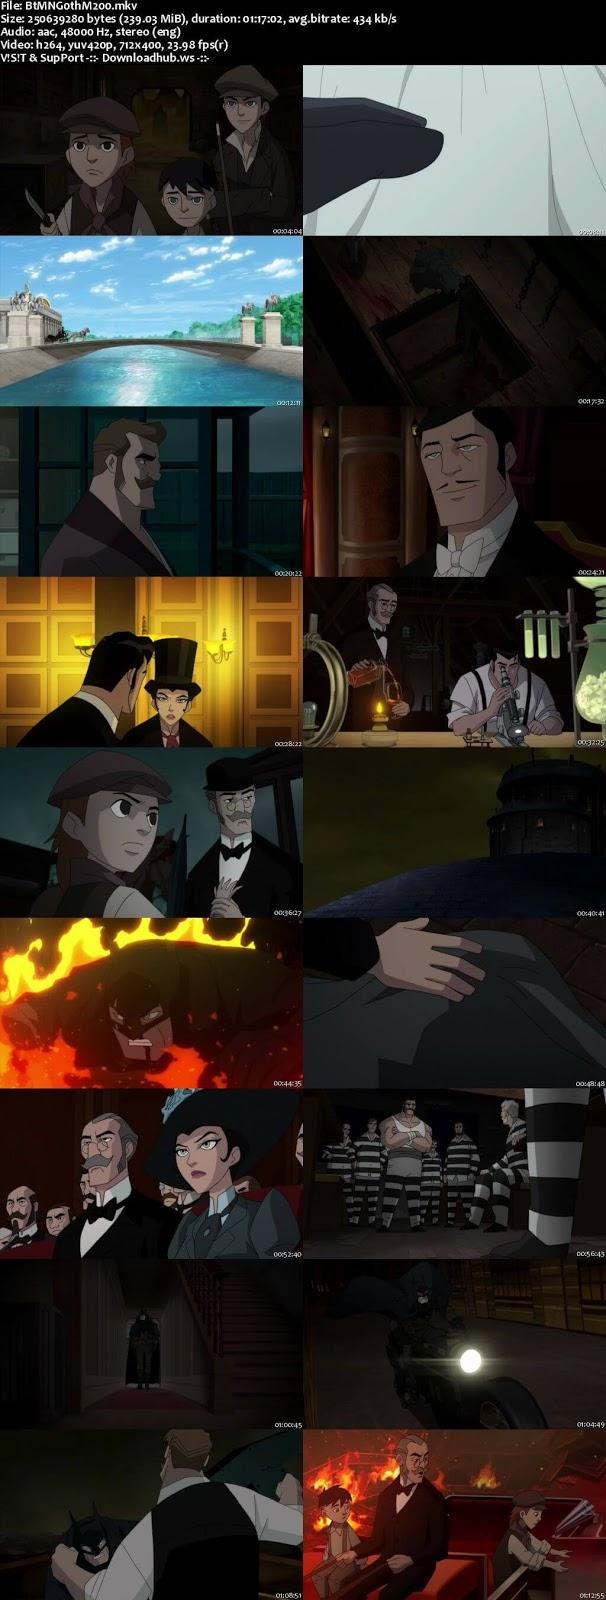 Batman Gotham by Gaslight 2018 English 480p Web-DL